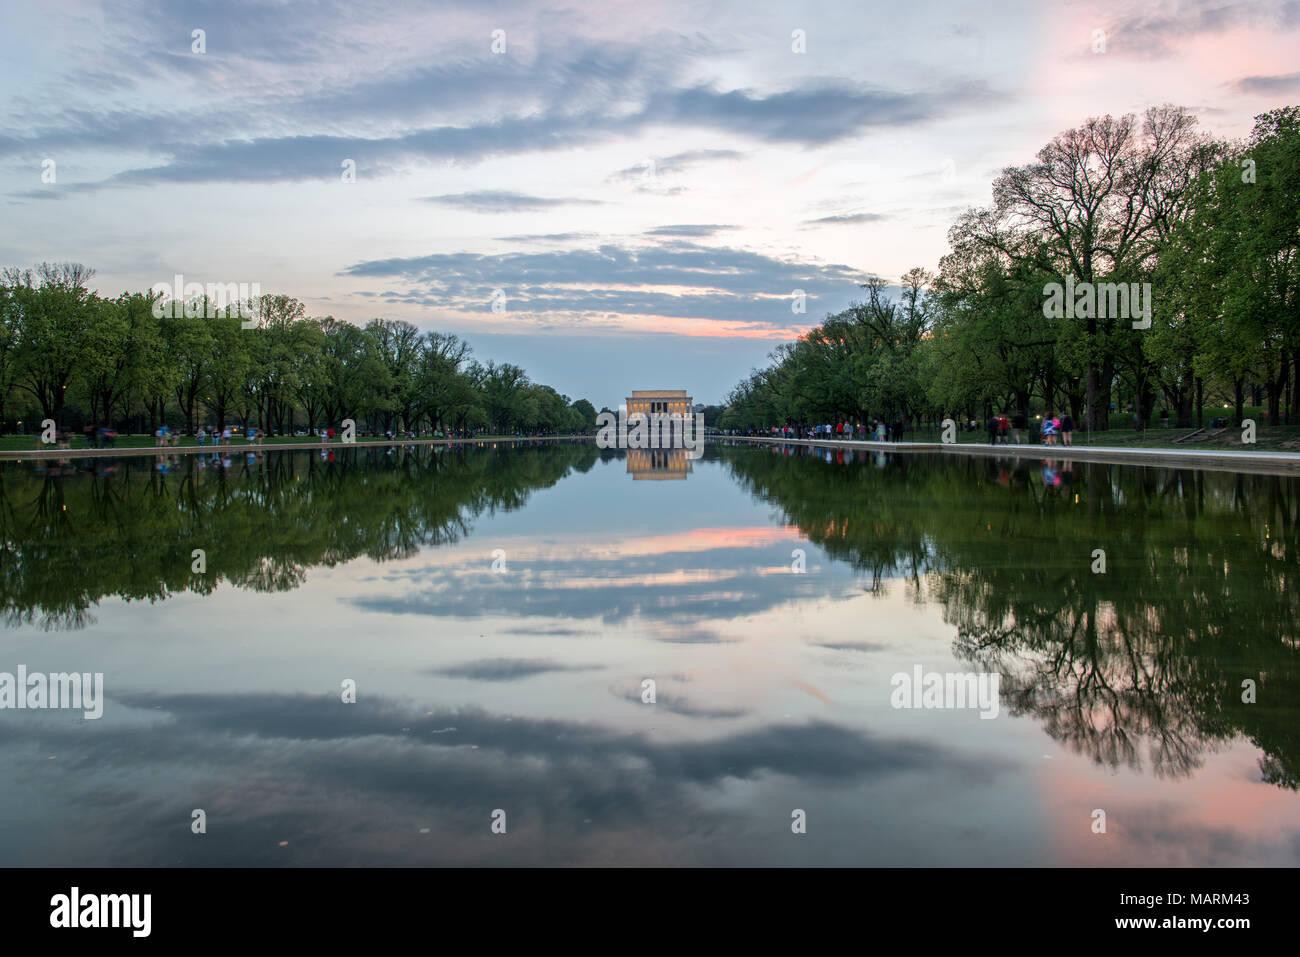 Lincoln Memorial Washington DC Photo Stock